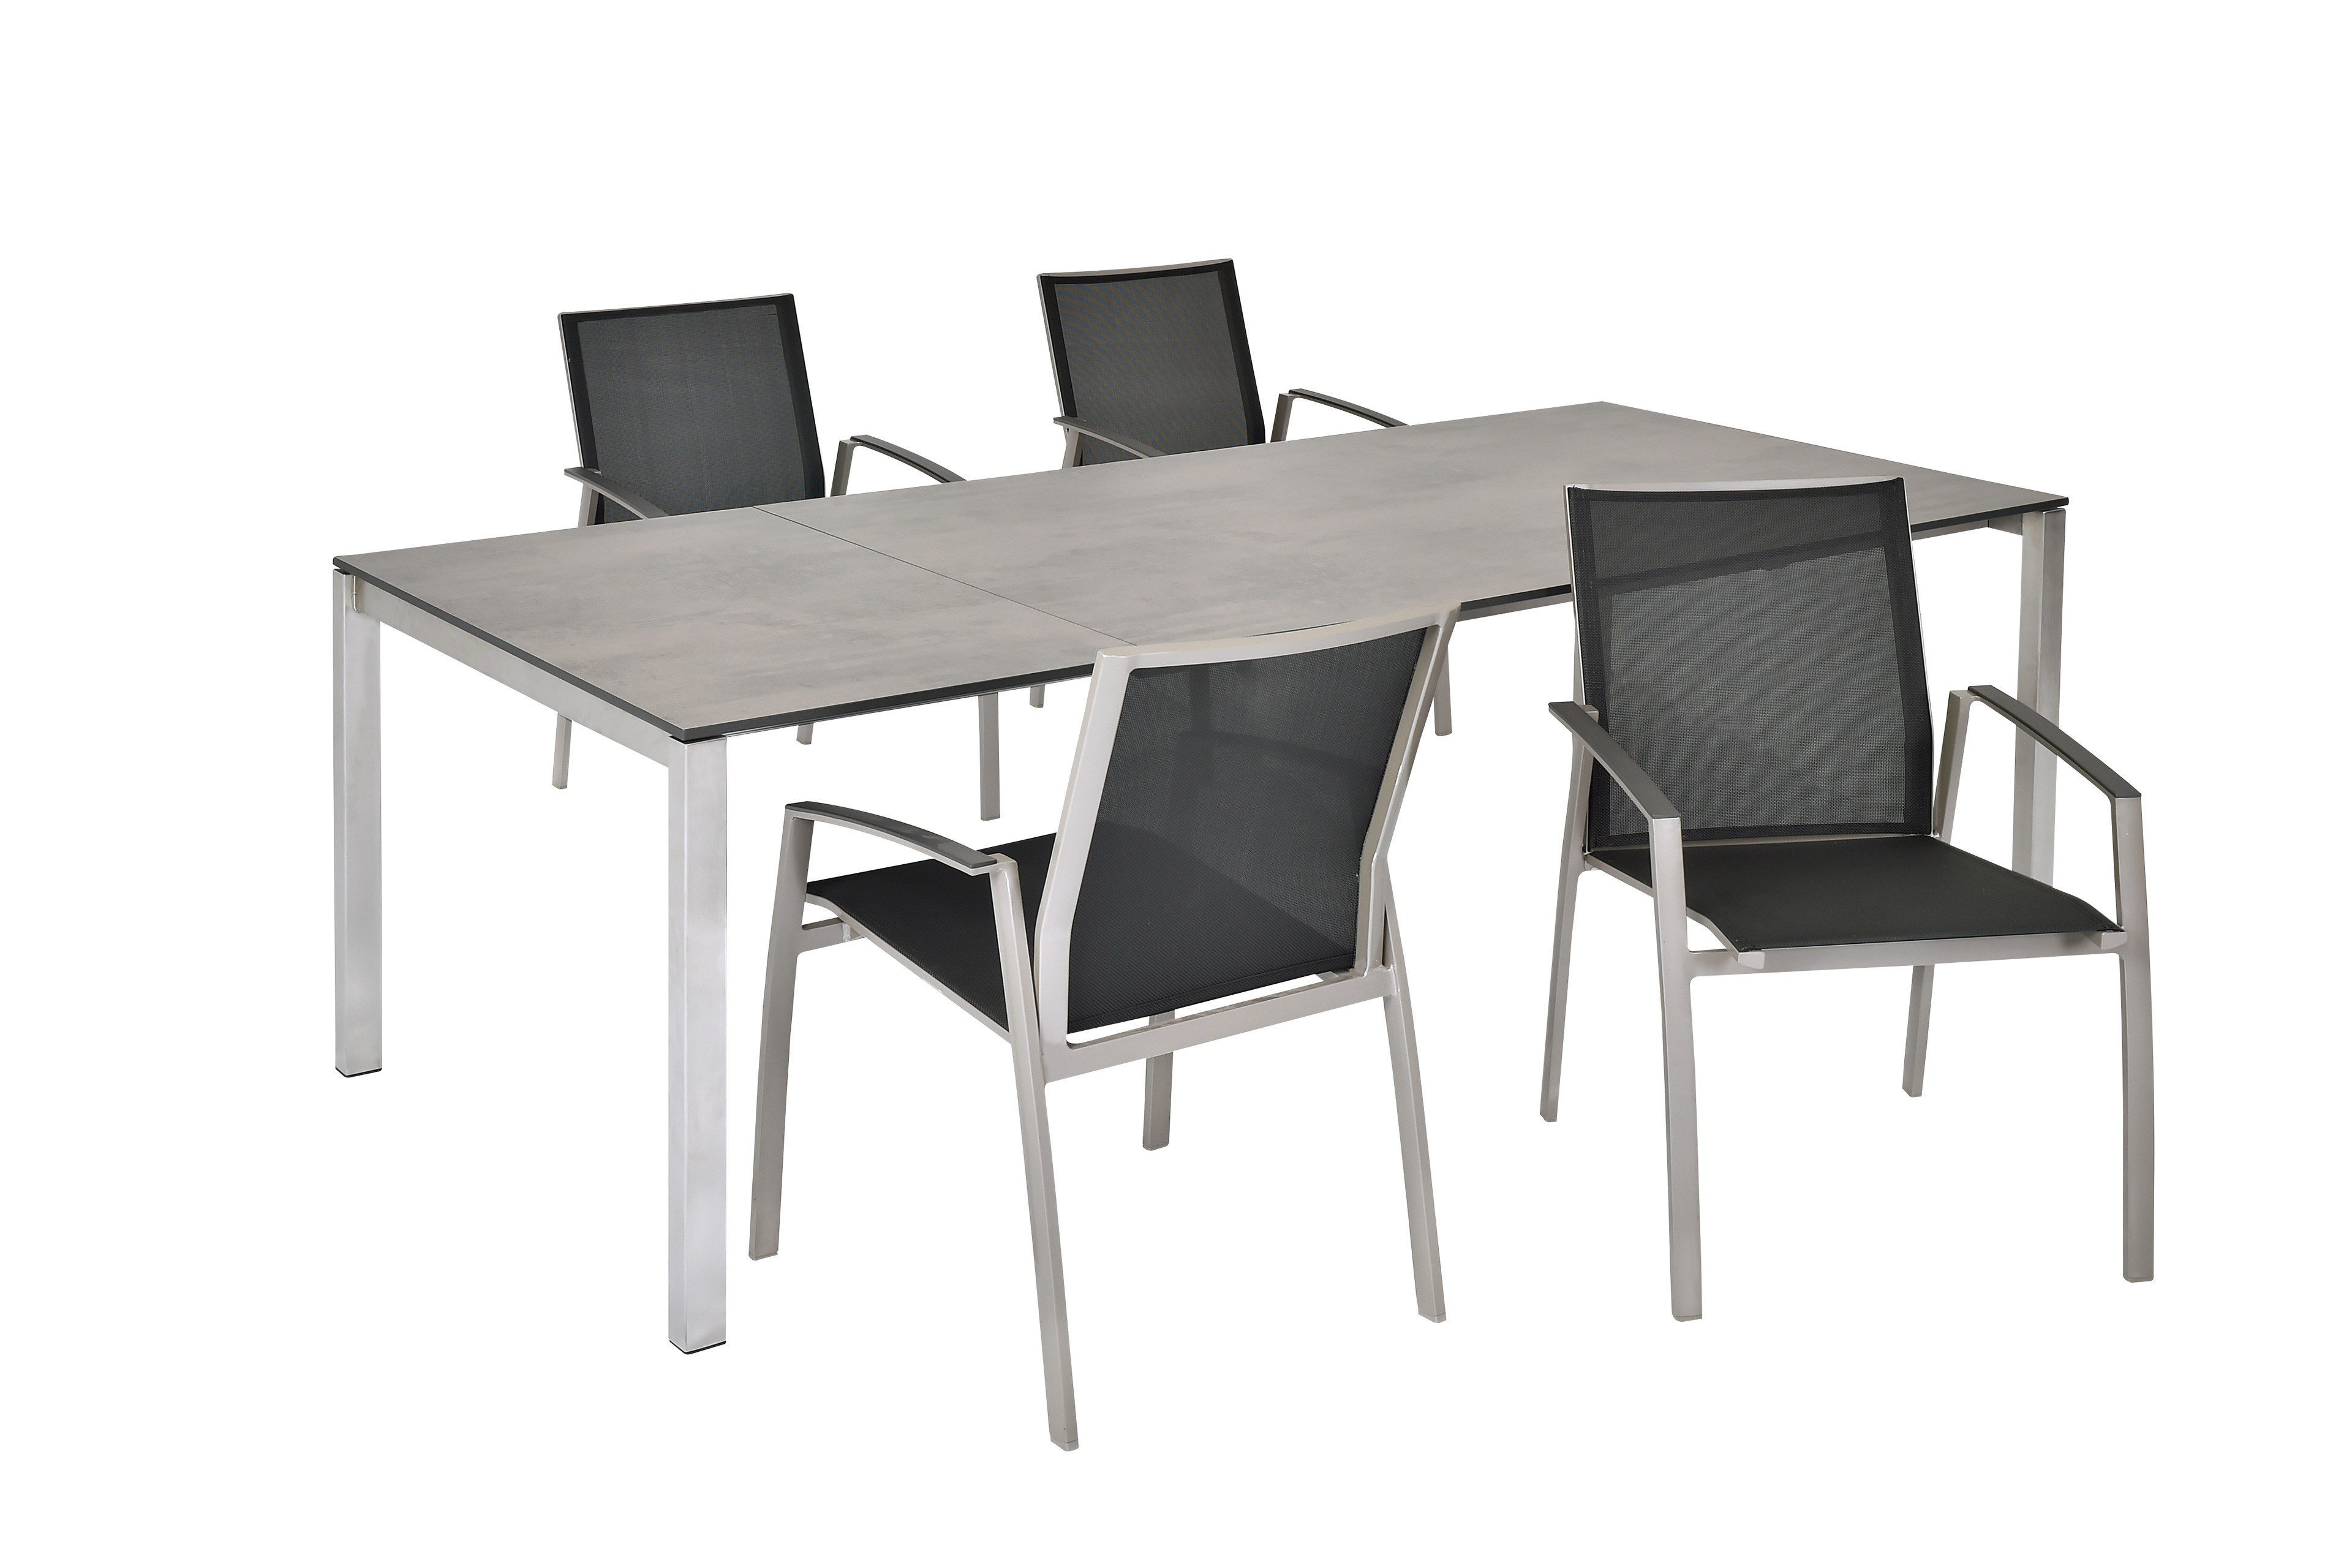 Sit mobilia gartentisch mano mit hpl tischplatte in oxido for Mobilia 1